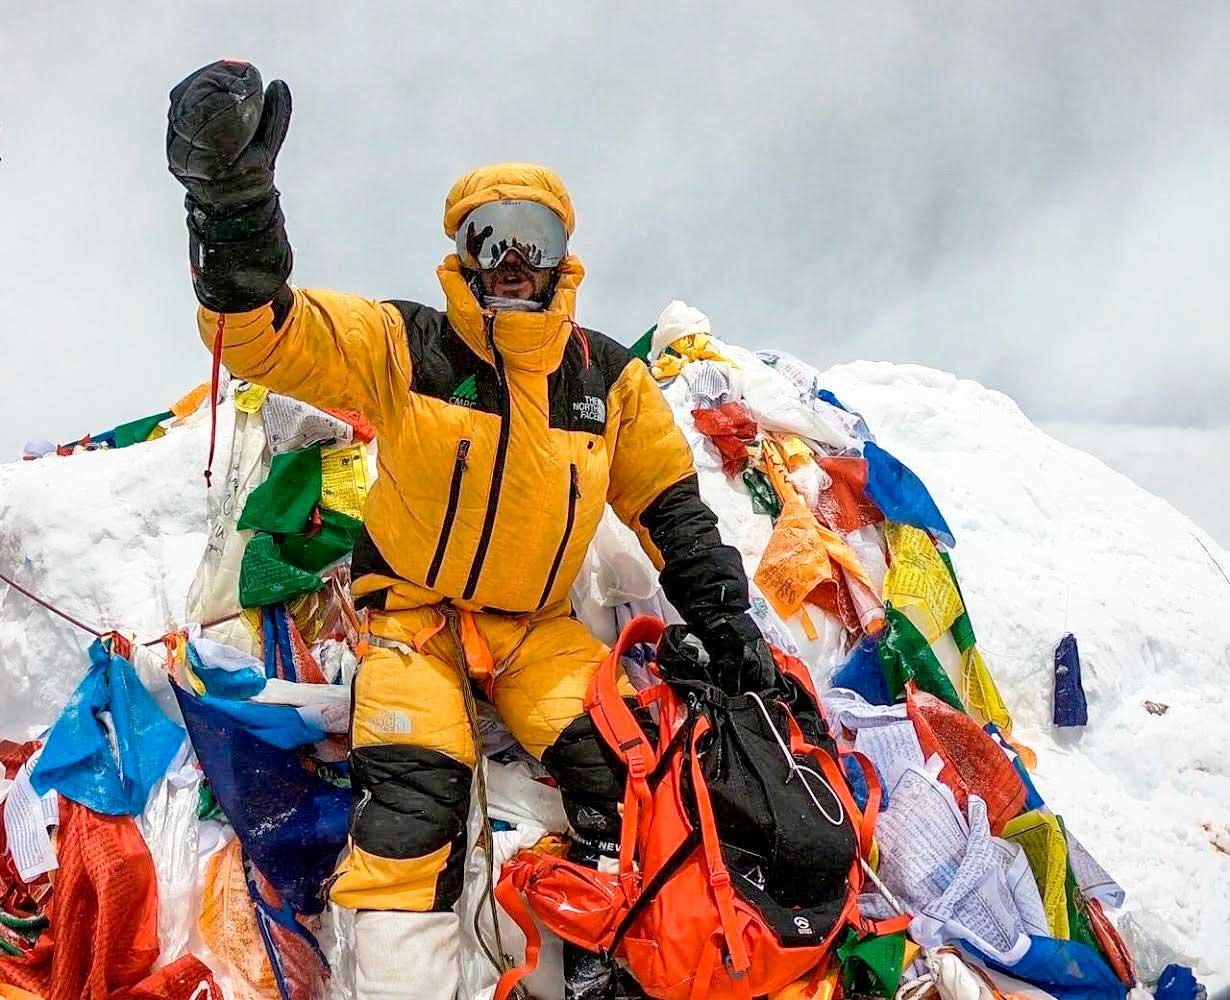 Juan Pablo Mohr entra en la historia. Cumbre en Everest sin oxígeno artificial ni sherpas.